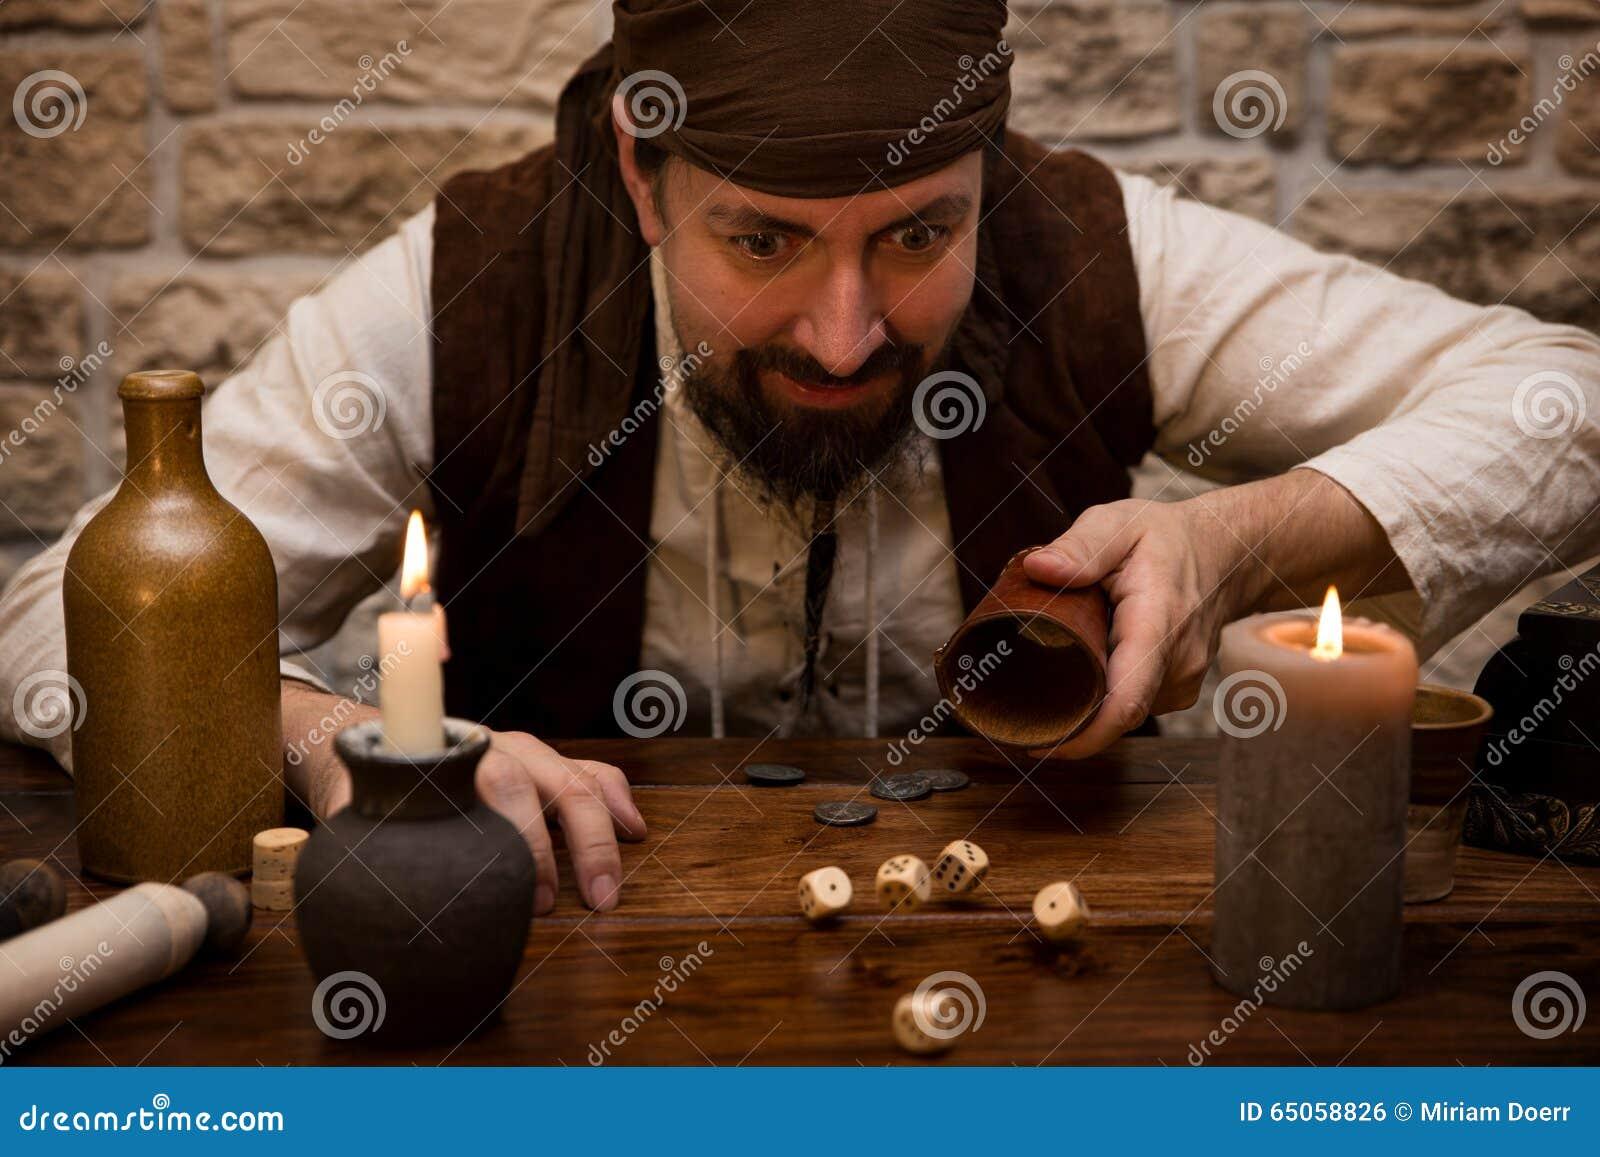 Pirates Gambling